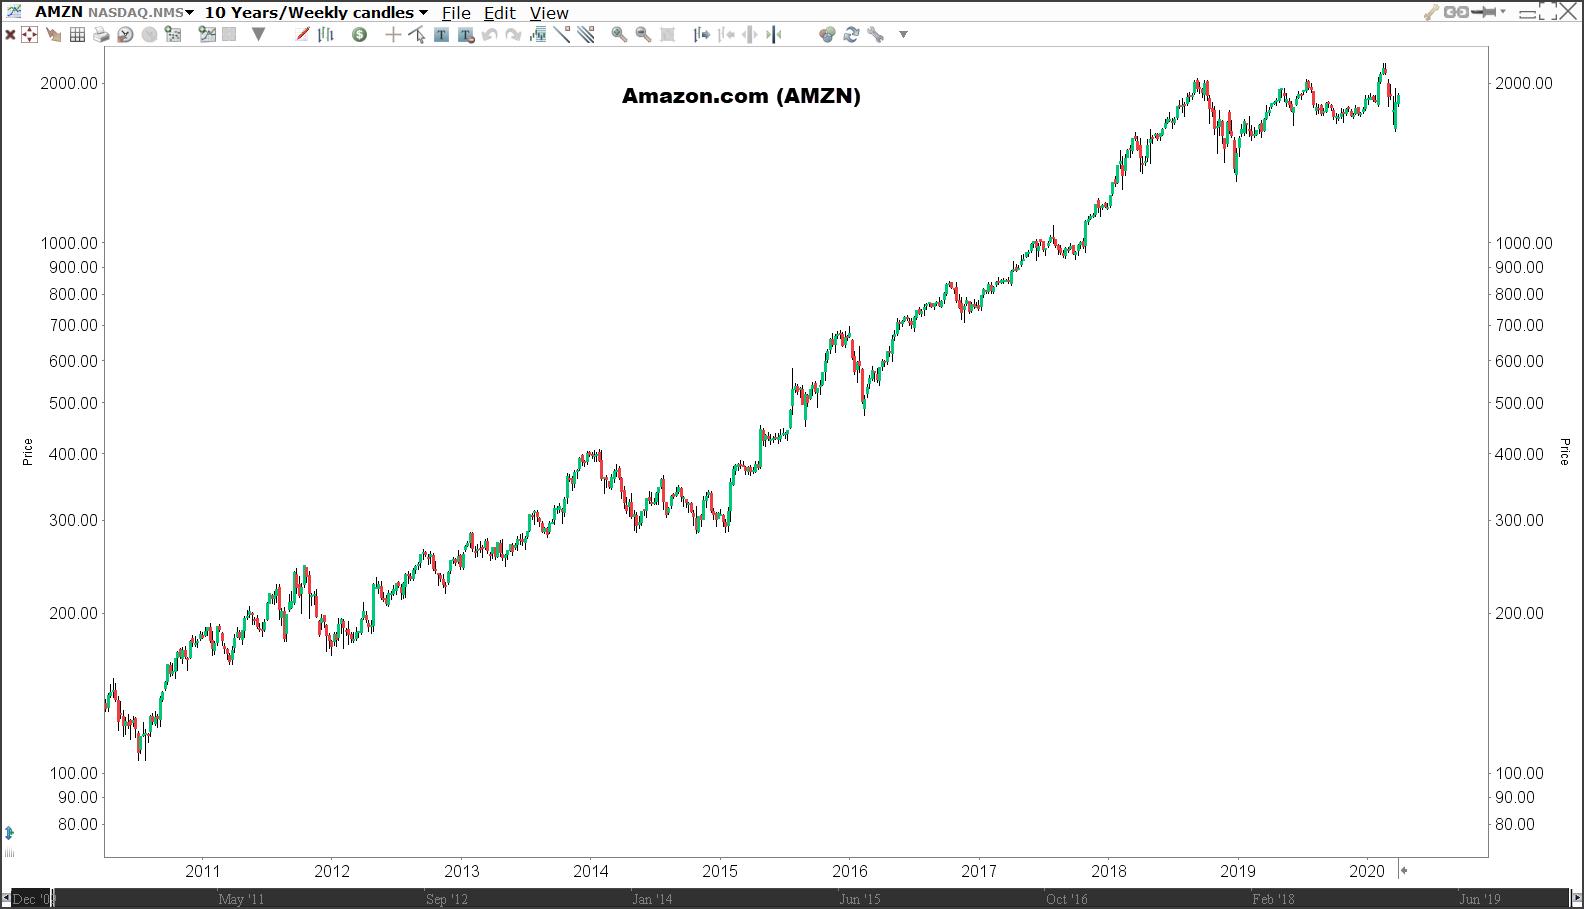 Aandeel Amazon.com (AMZN) - Beleggen in trends